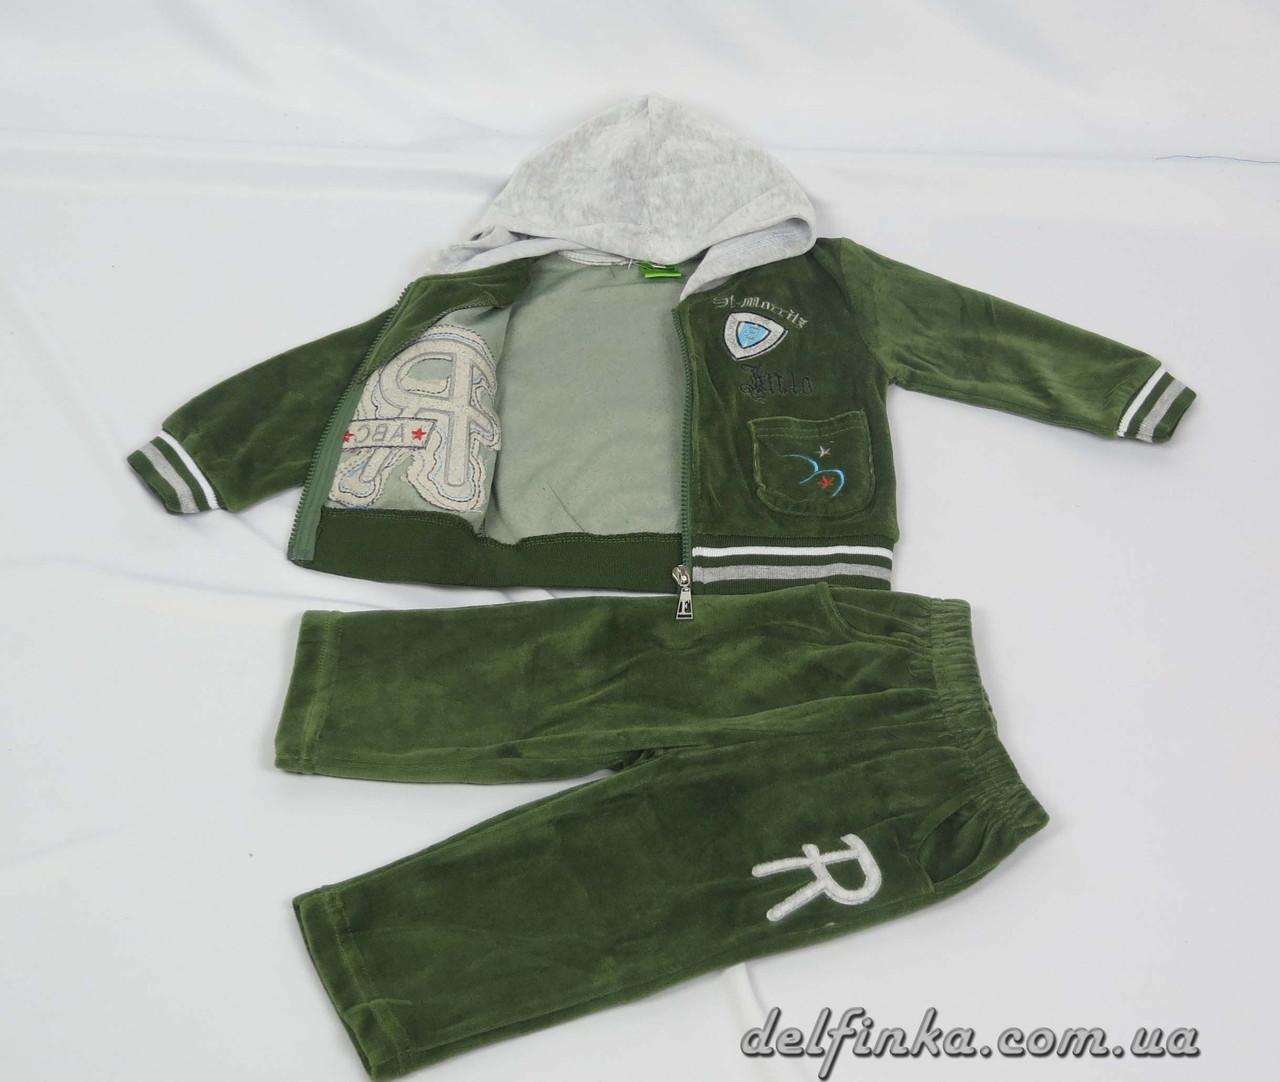 Костюм для мальчика с 1 года до 3 лет, цвет: зеленый, фото 2